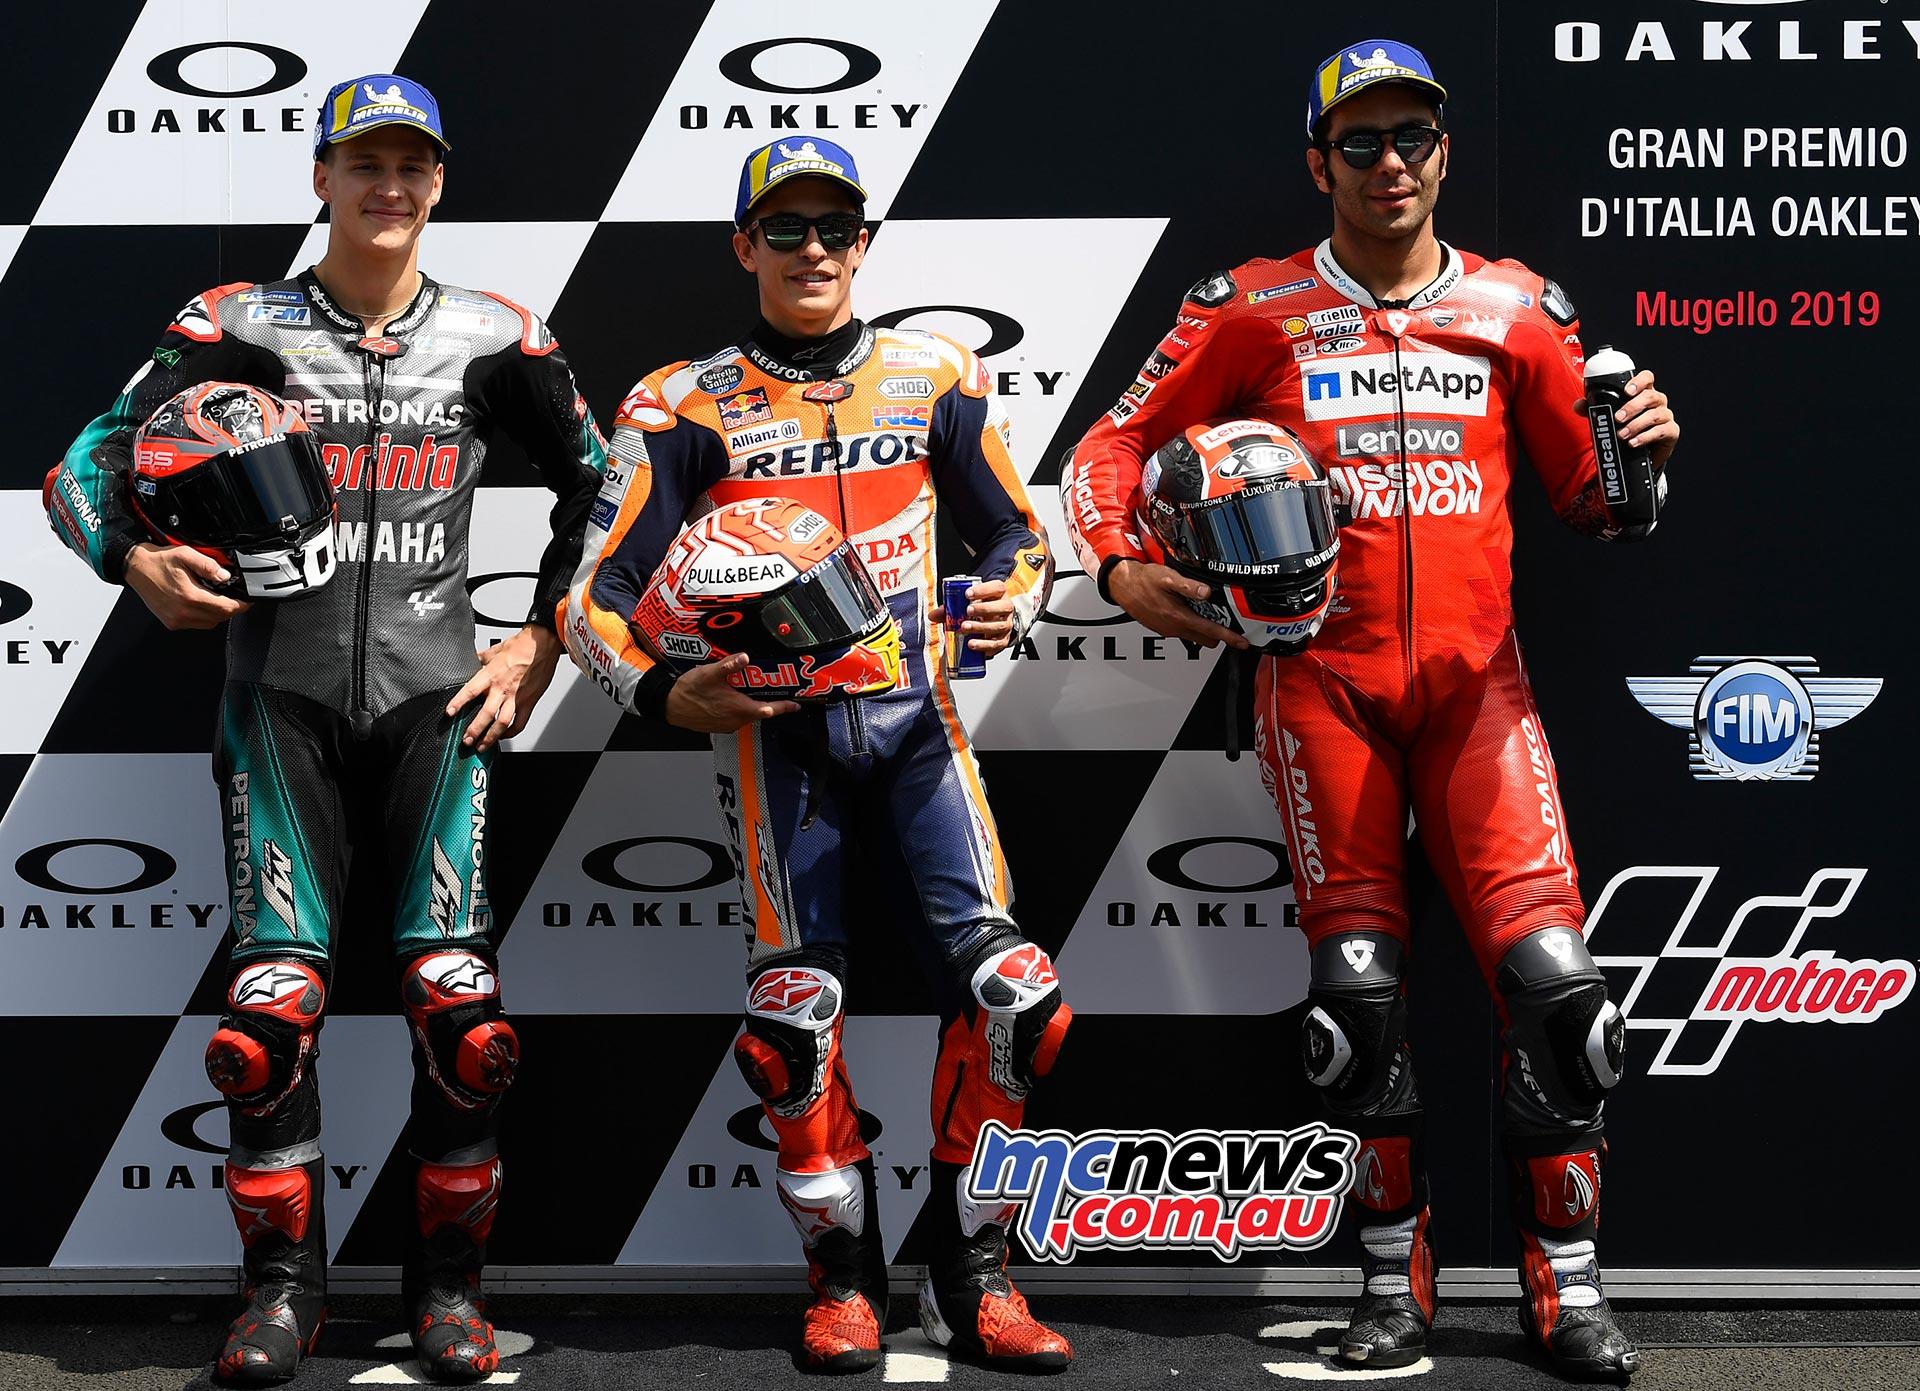 MotoGP Rnd Mugello QP Quartararo Marquez Petrucci